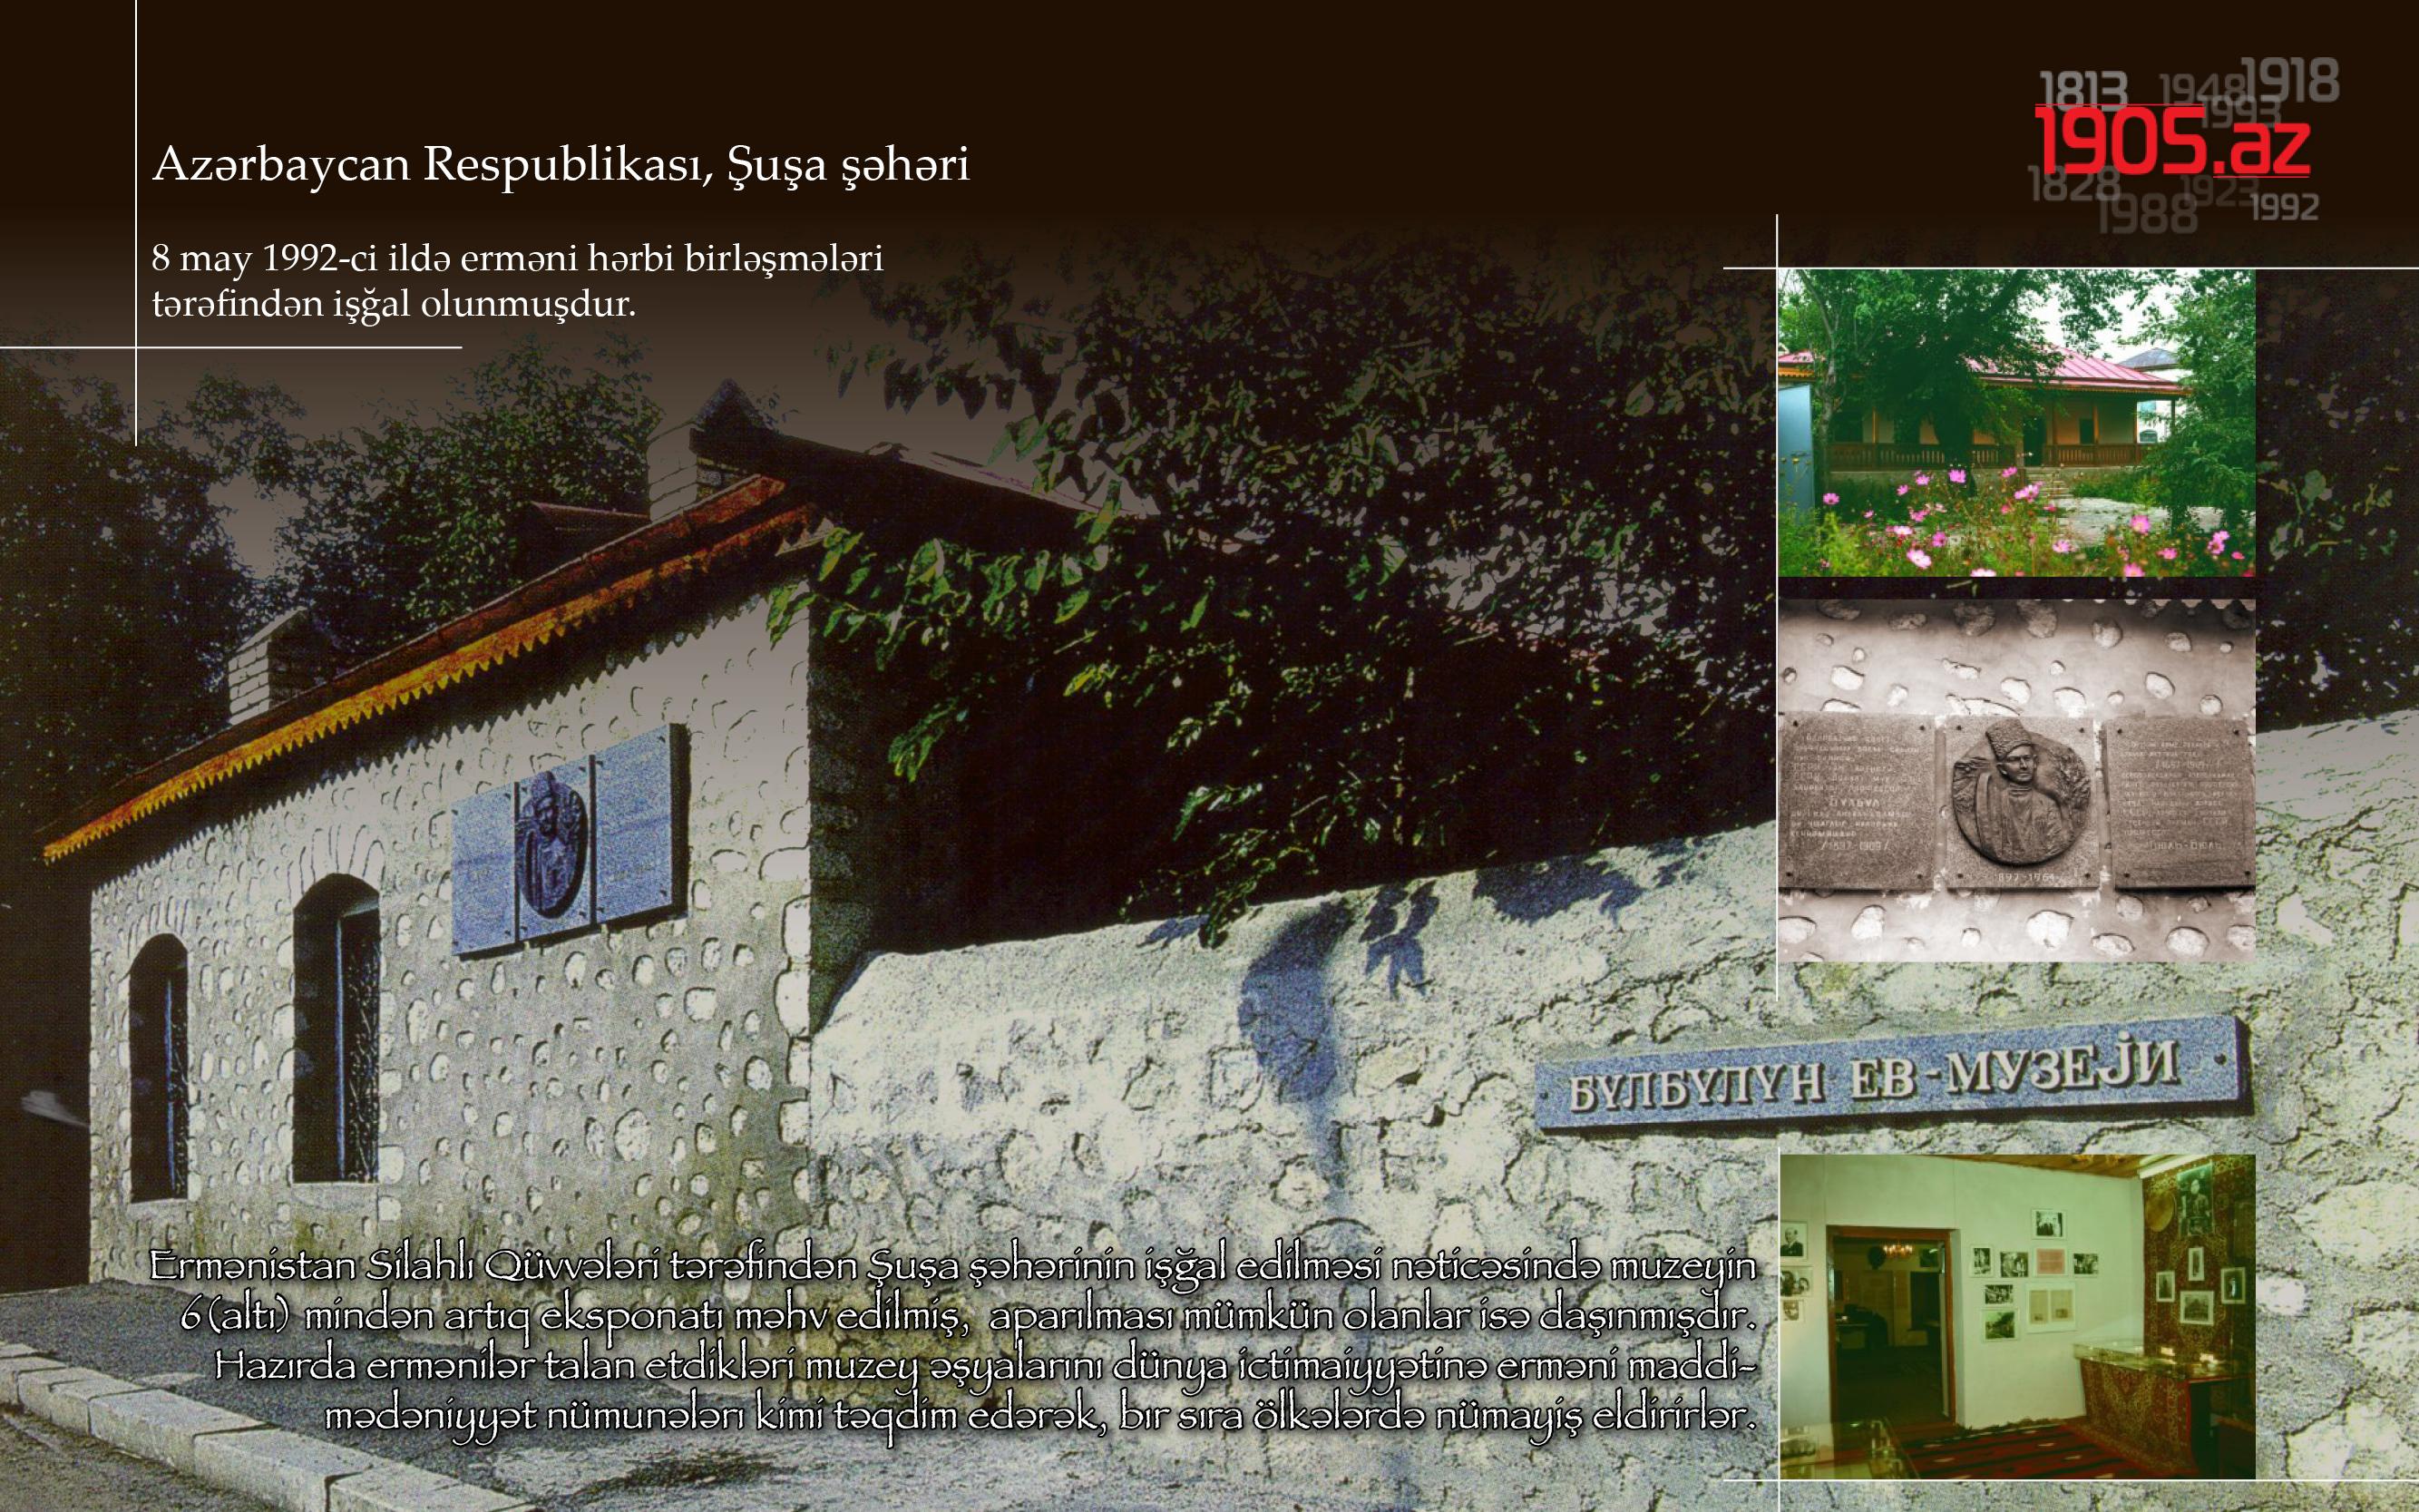 wallpaper_bulbulun_ev_muzeyi_az